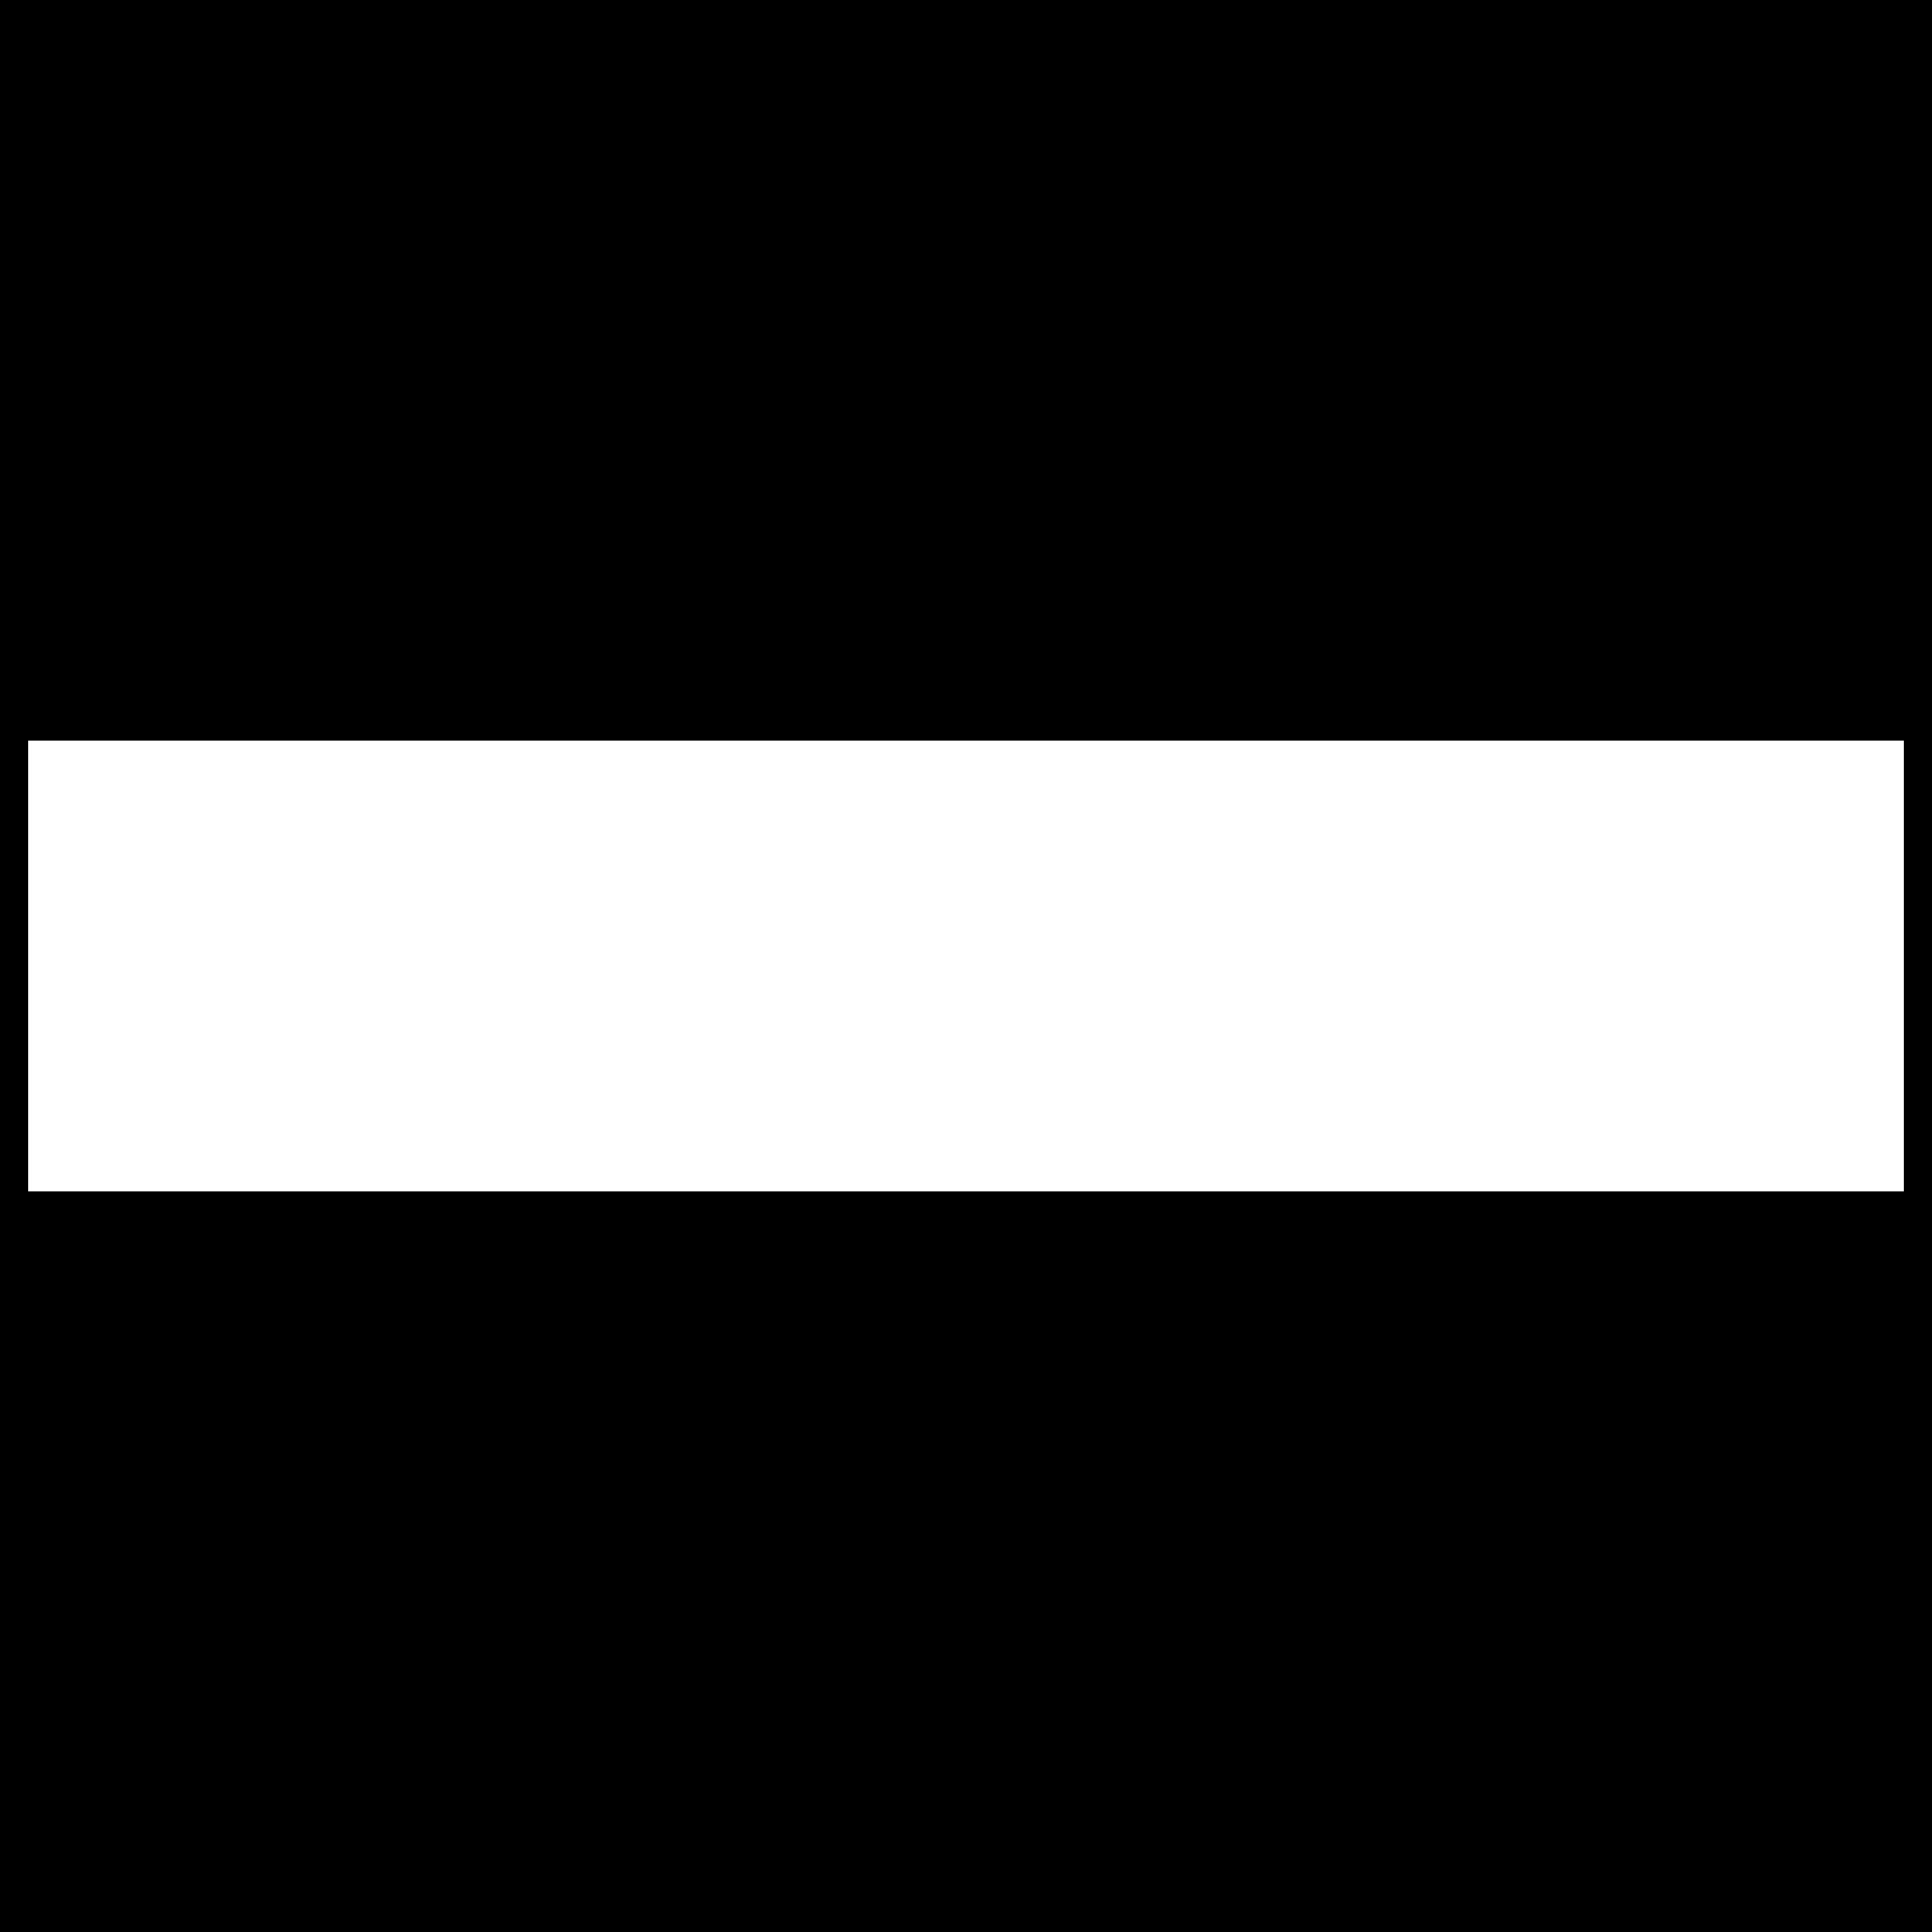 CarMax Logo PNG Transparent & SVG Vector.